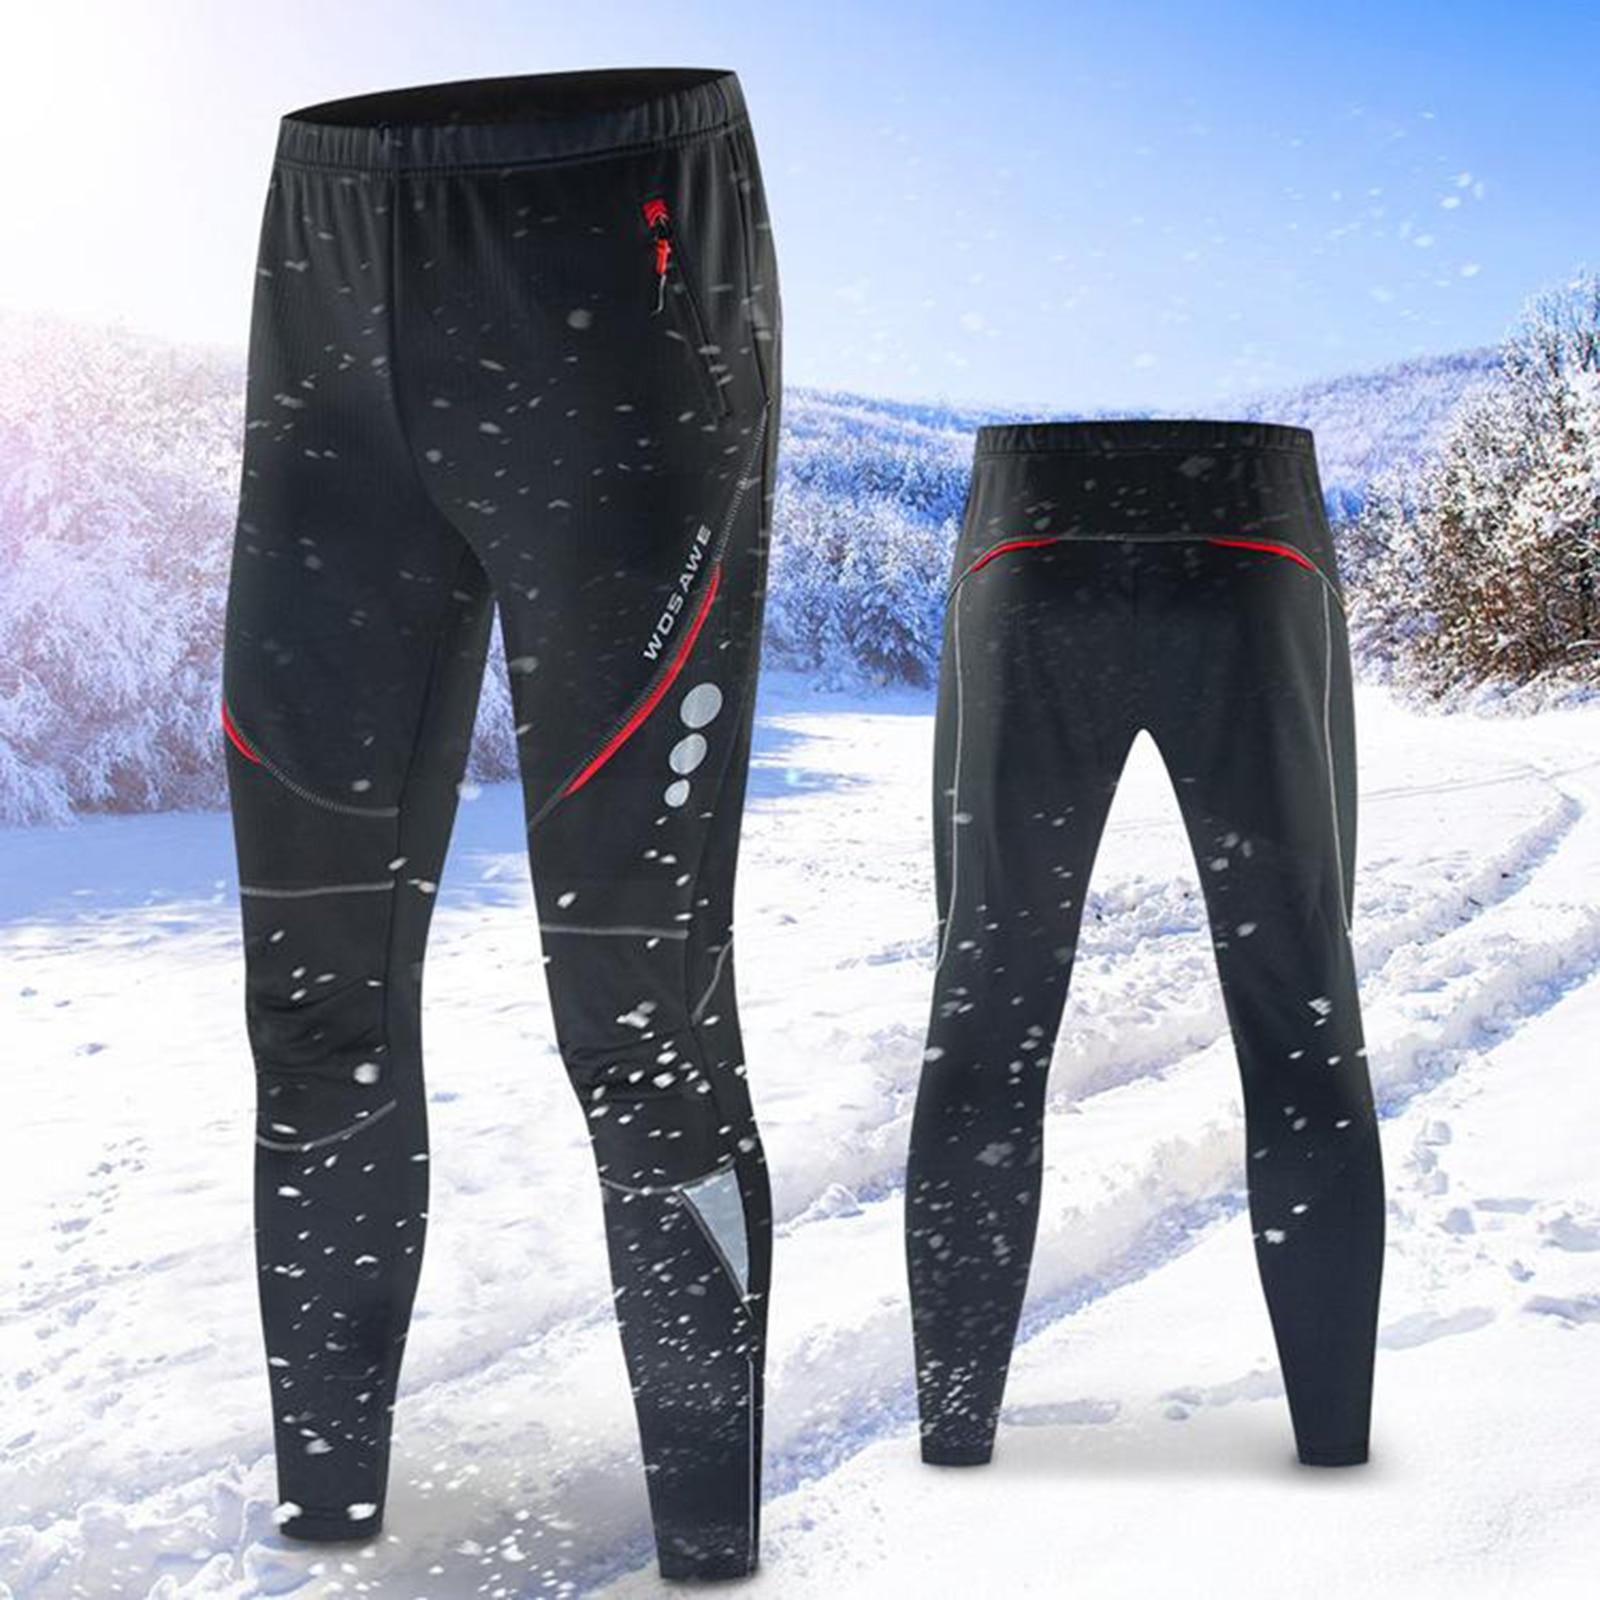 Winter Fleece Thermal Cycling Pants Waterproof Trousers Bike Windproof Warm Mens